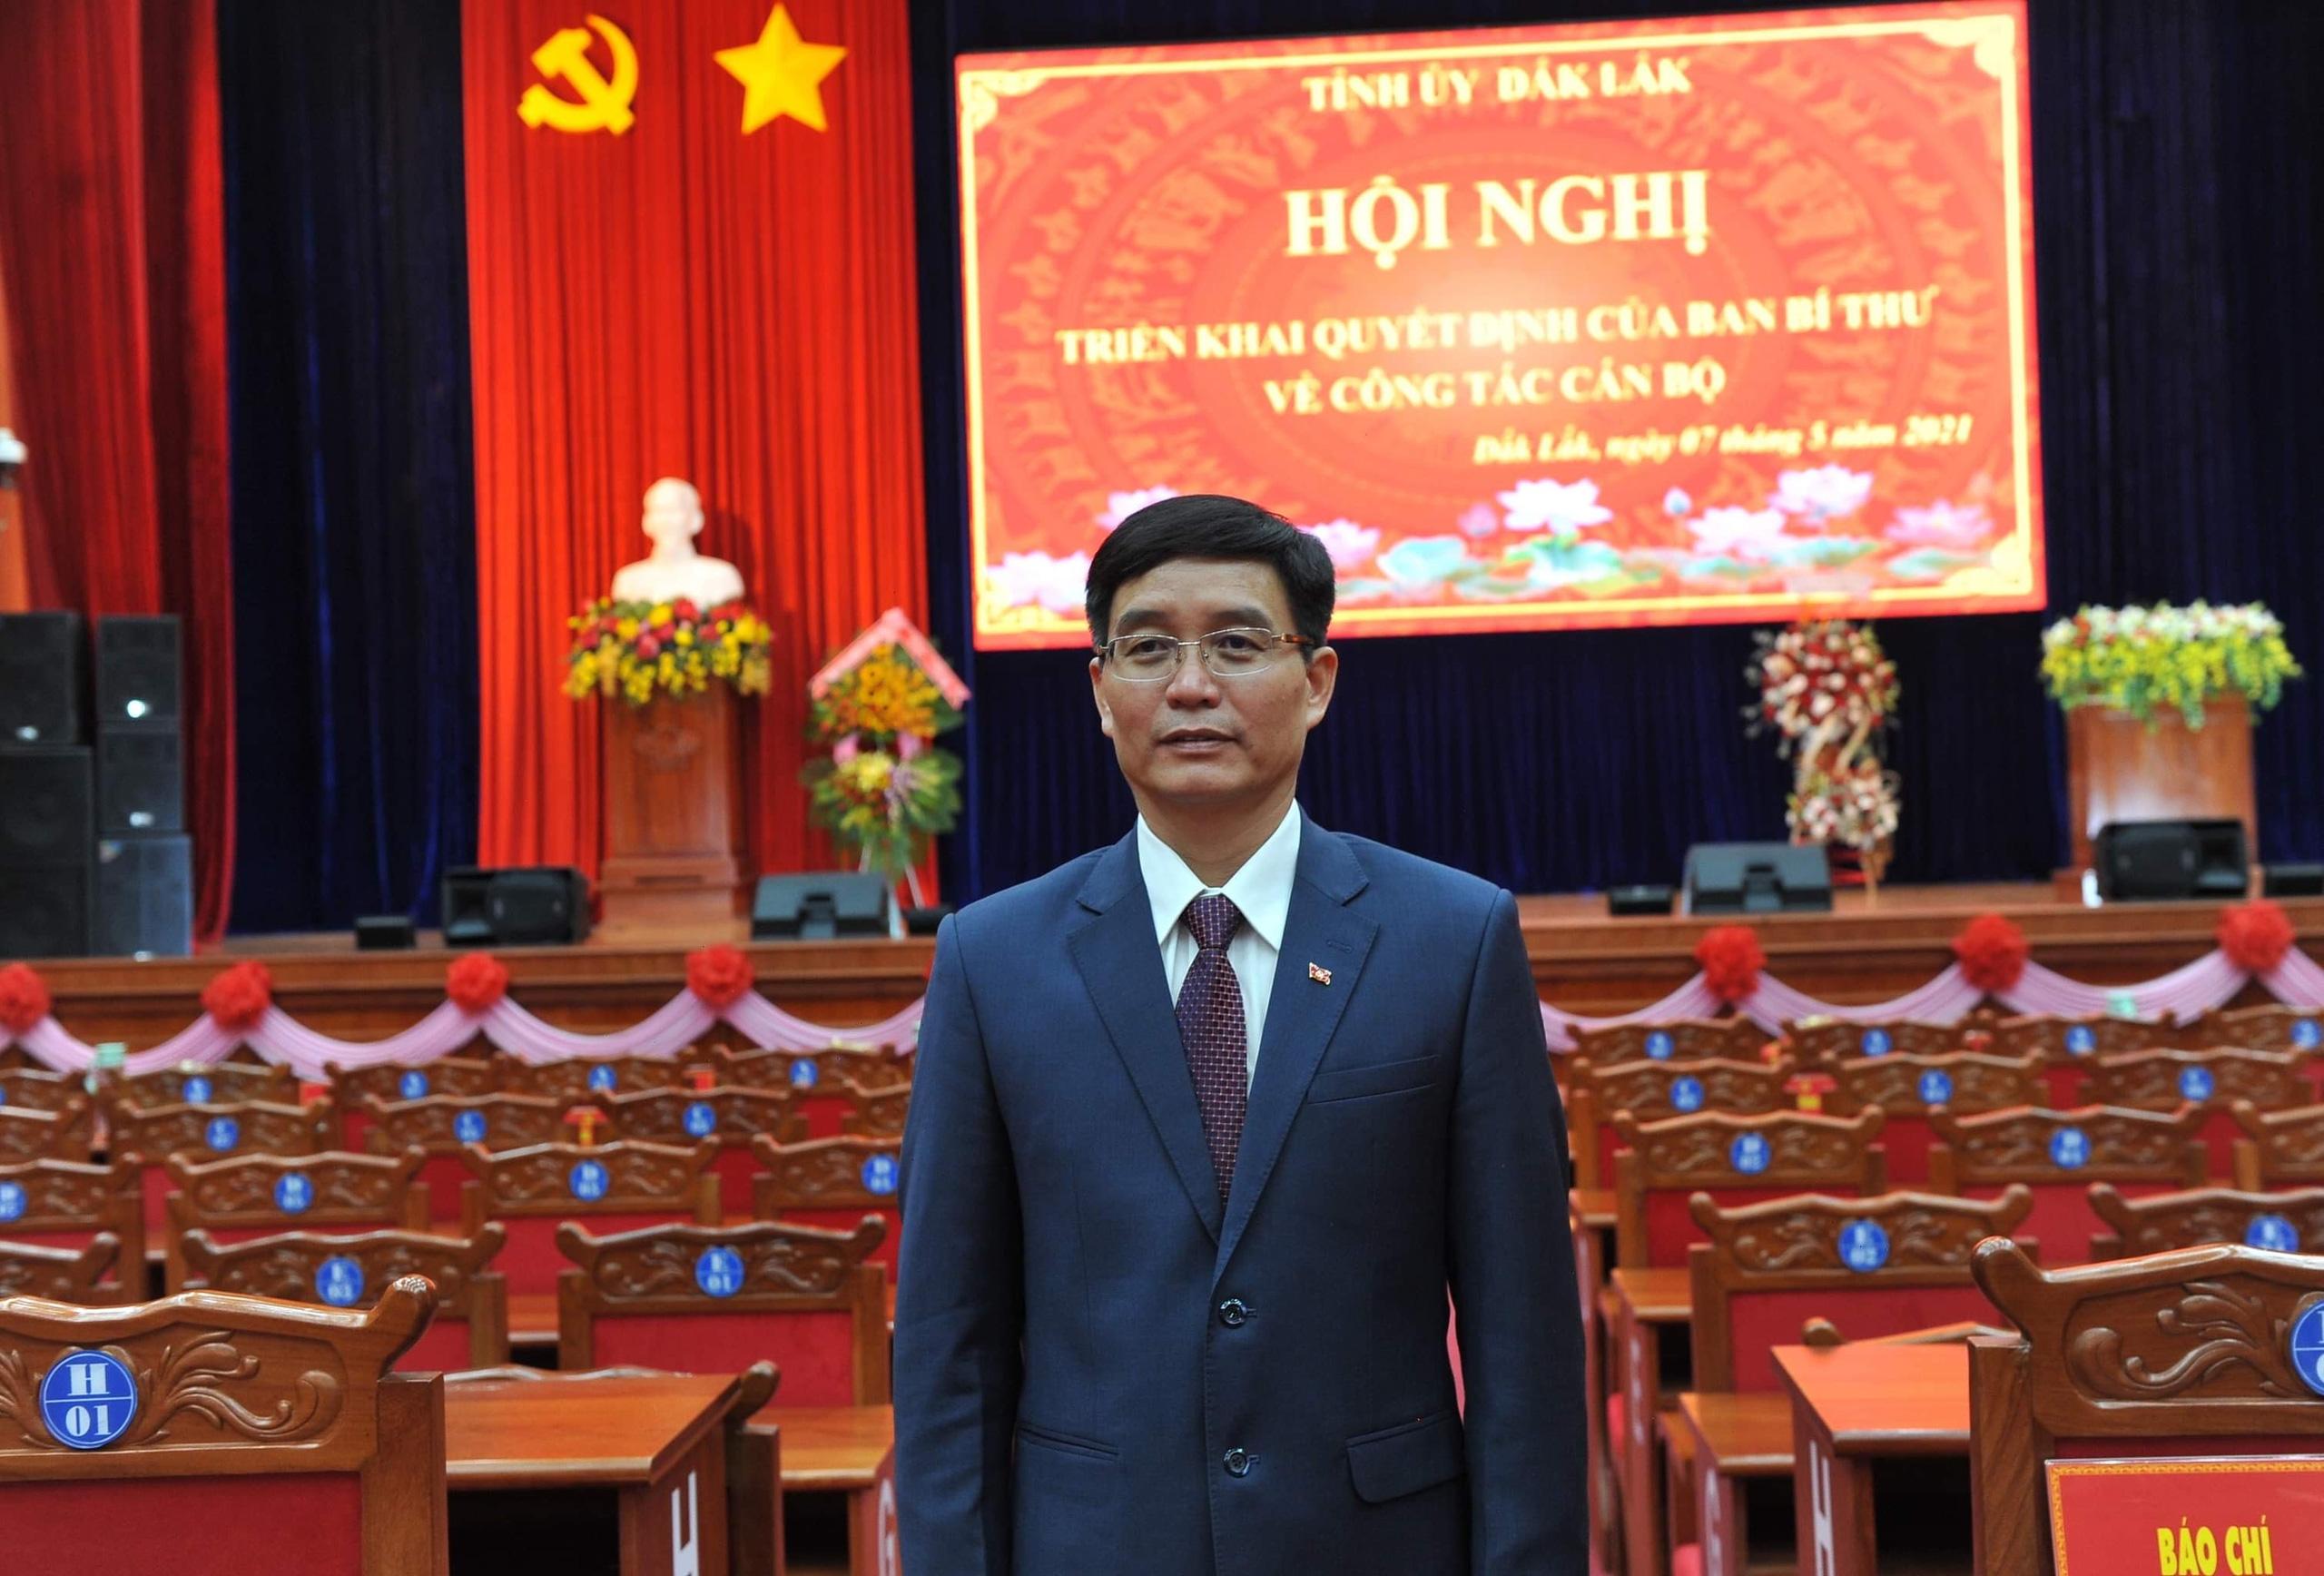 Chân dung 6 Ủy viên Trung ương Đảng được Bộ Chính trị điều động, chuẩn y trong tuần qua - Ảnh 7.